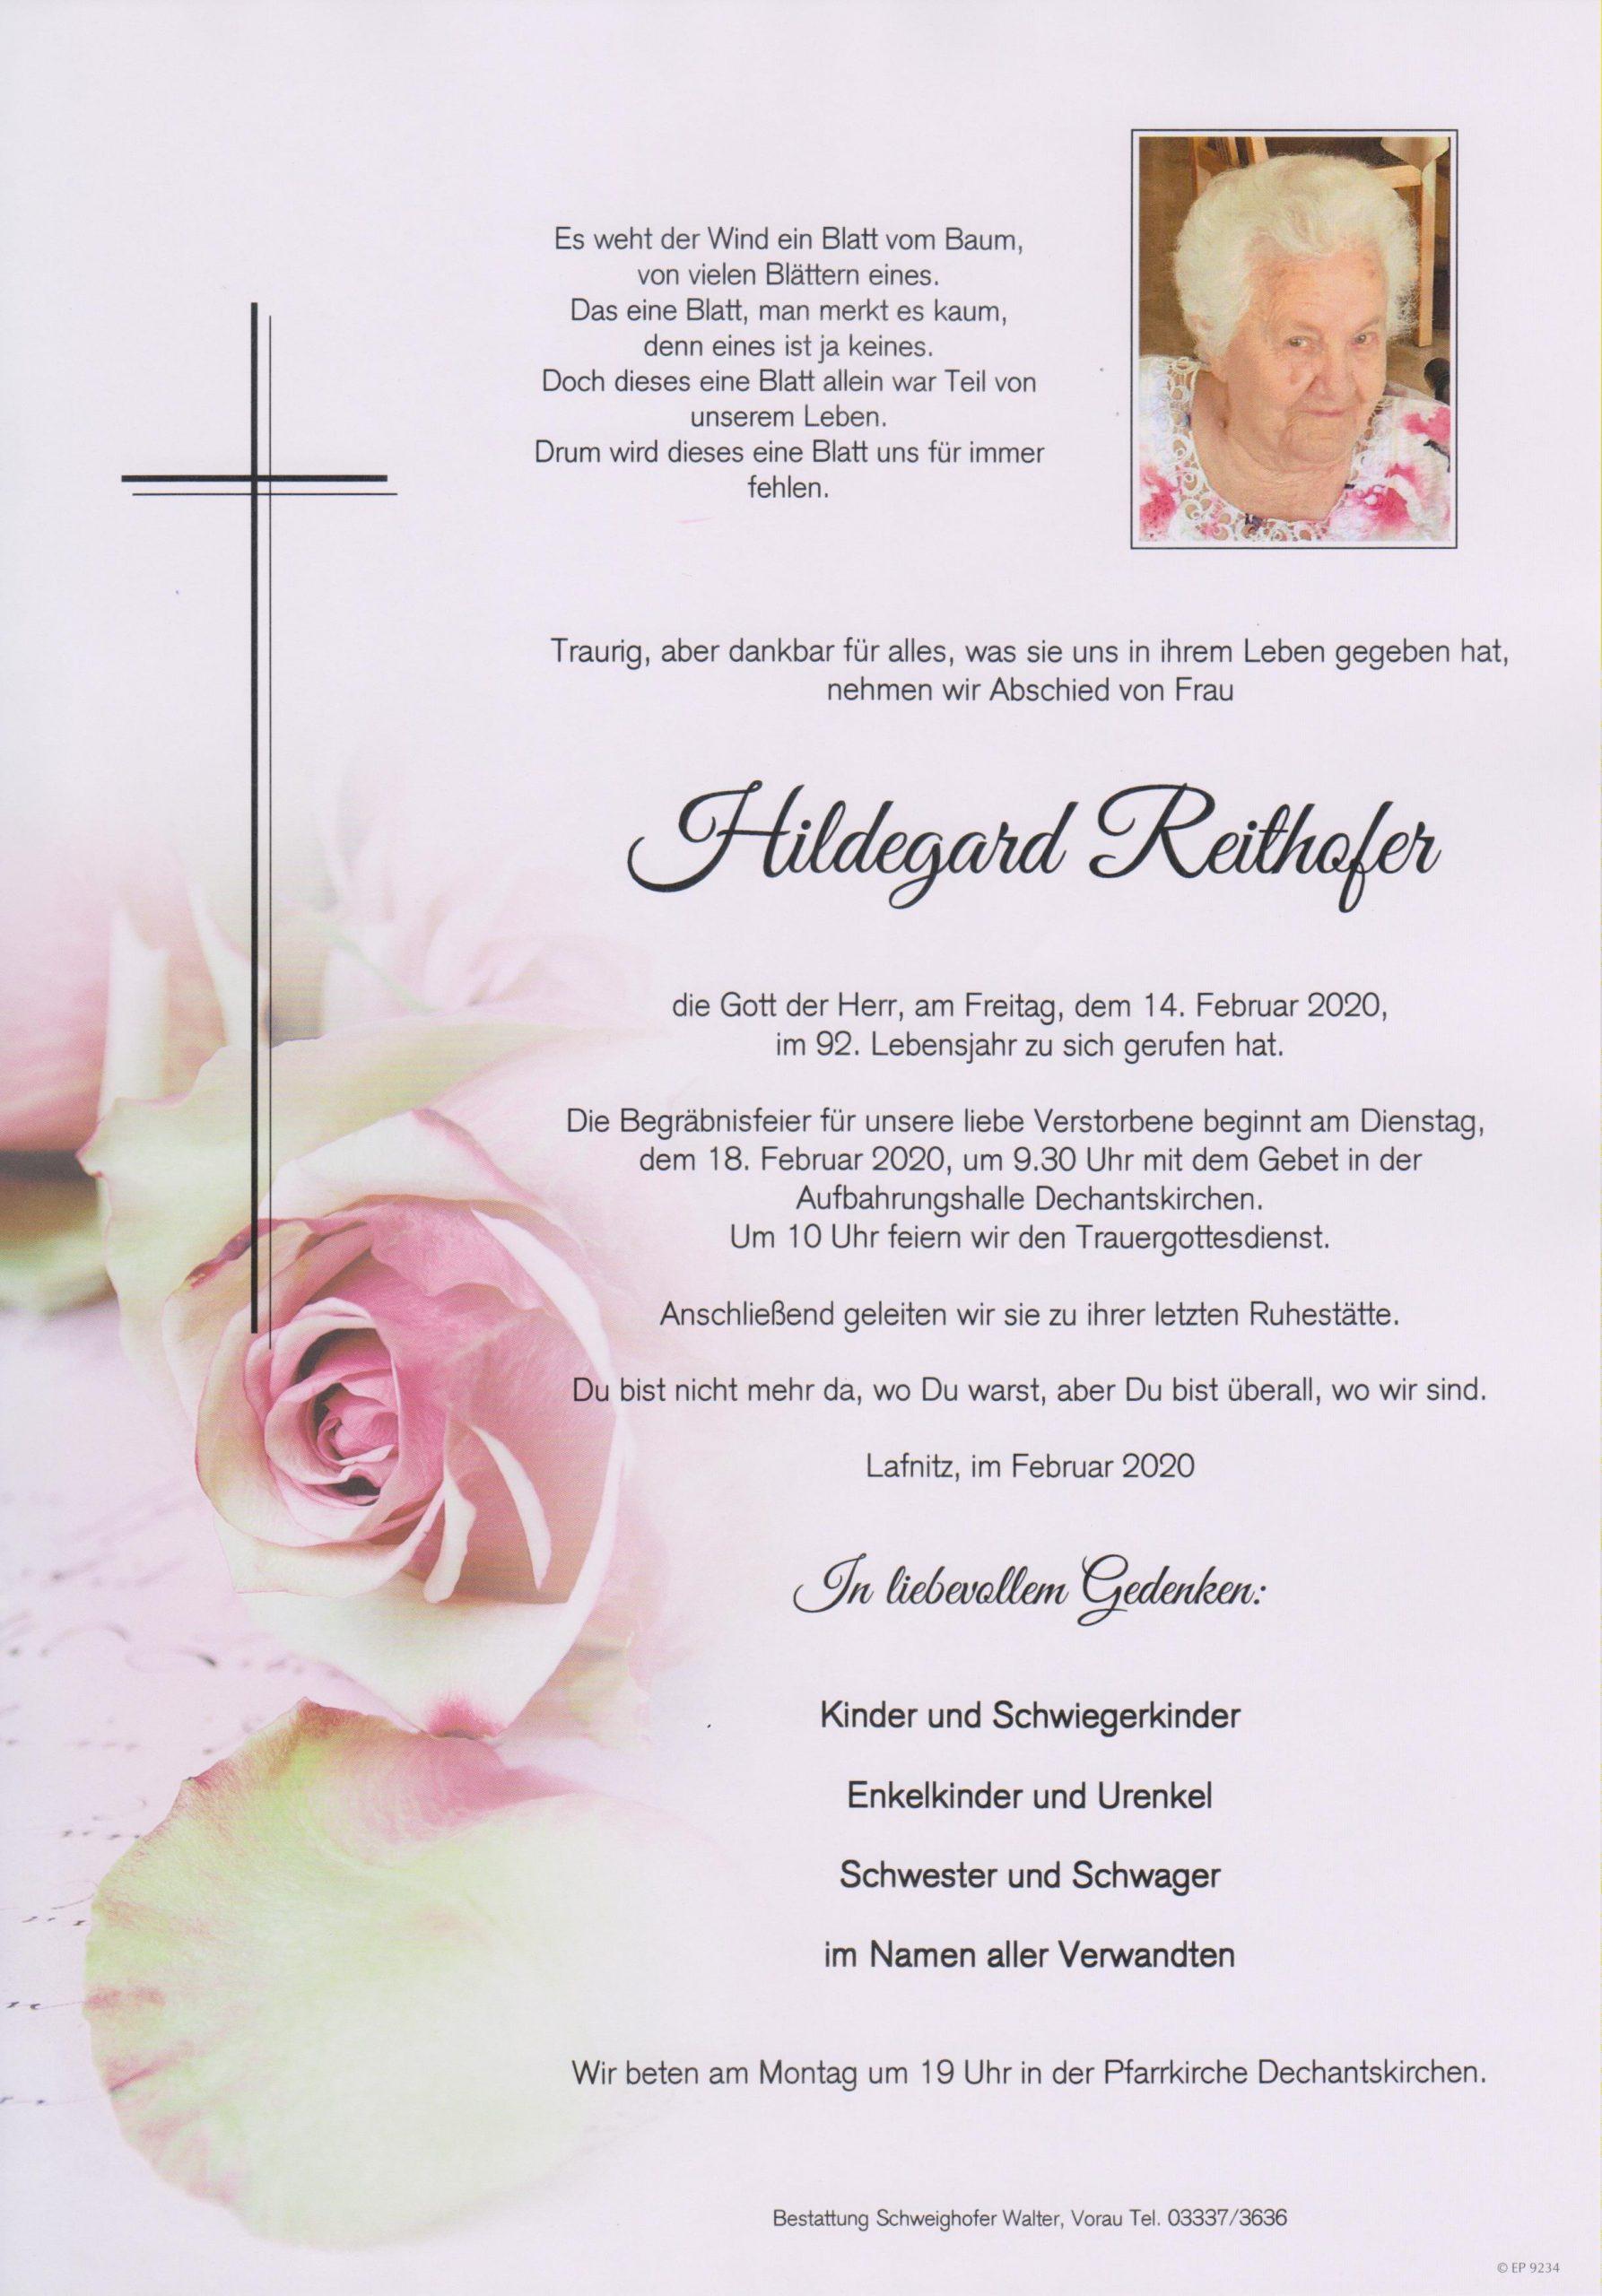 Hildegard Reithofer